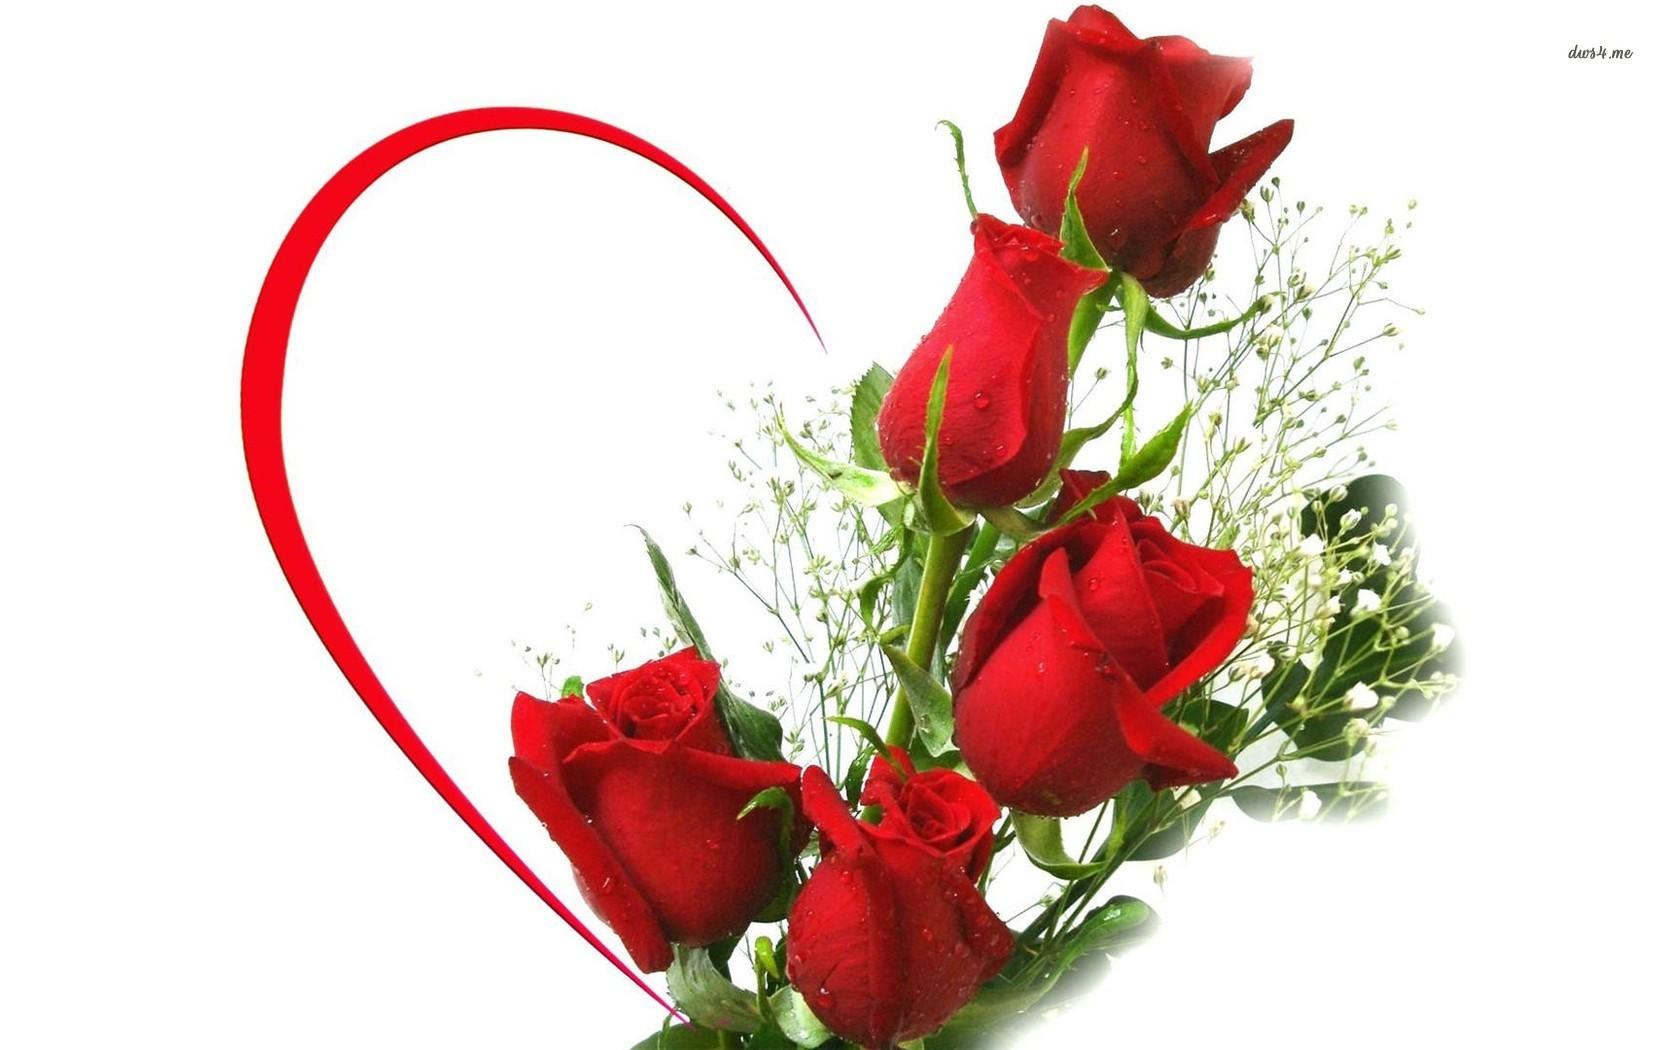 free rose image download